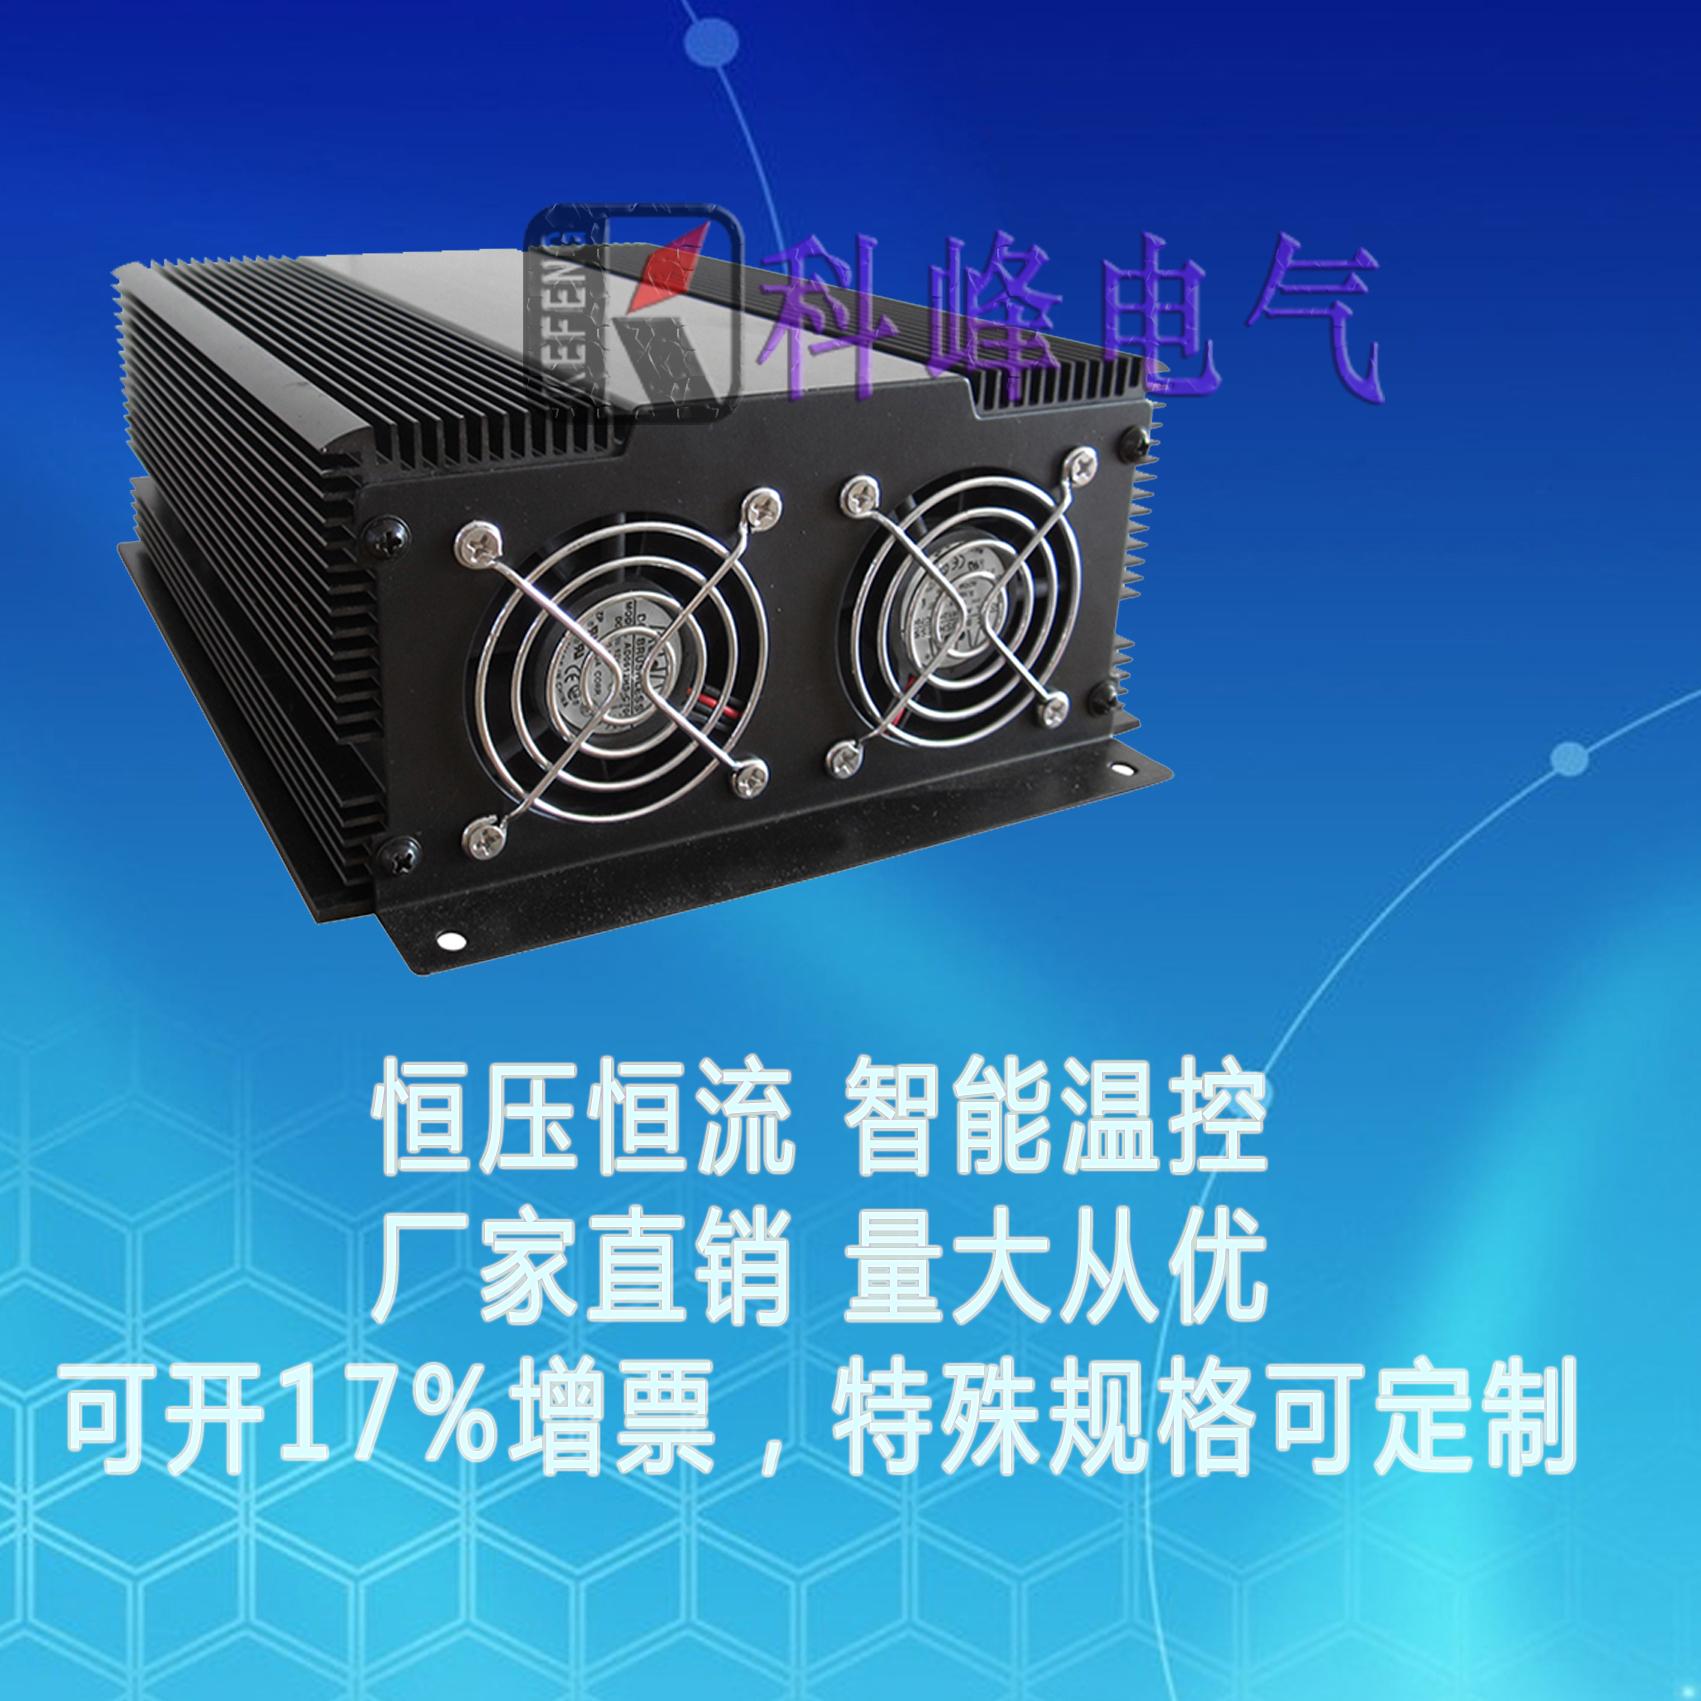 0-24V37.5A регулируемым выключатель электропитания постоянного тока питания постоянного тока, испытания, полностью регулируемым, специальные